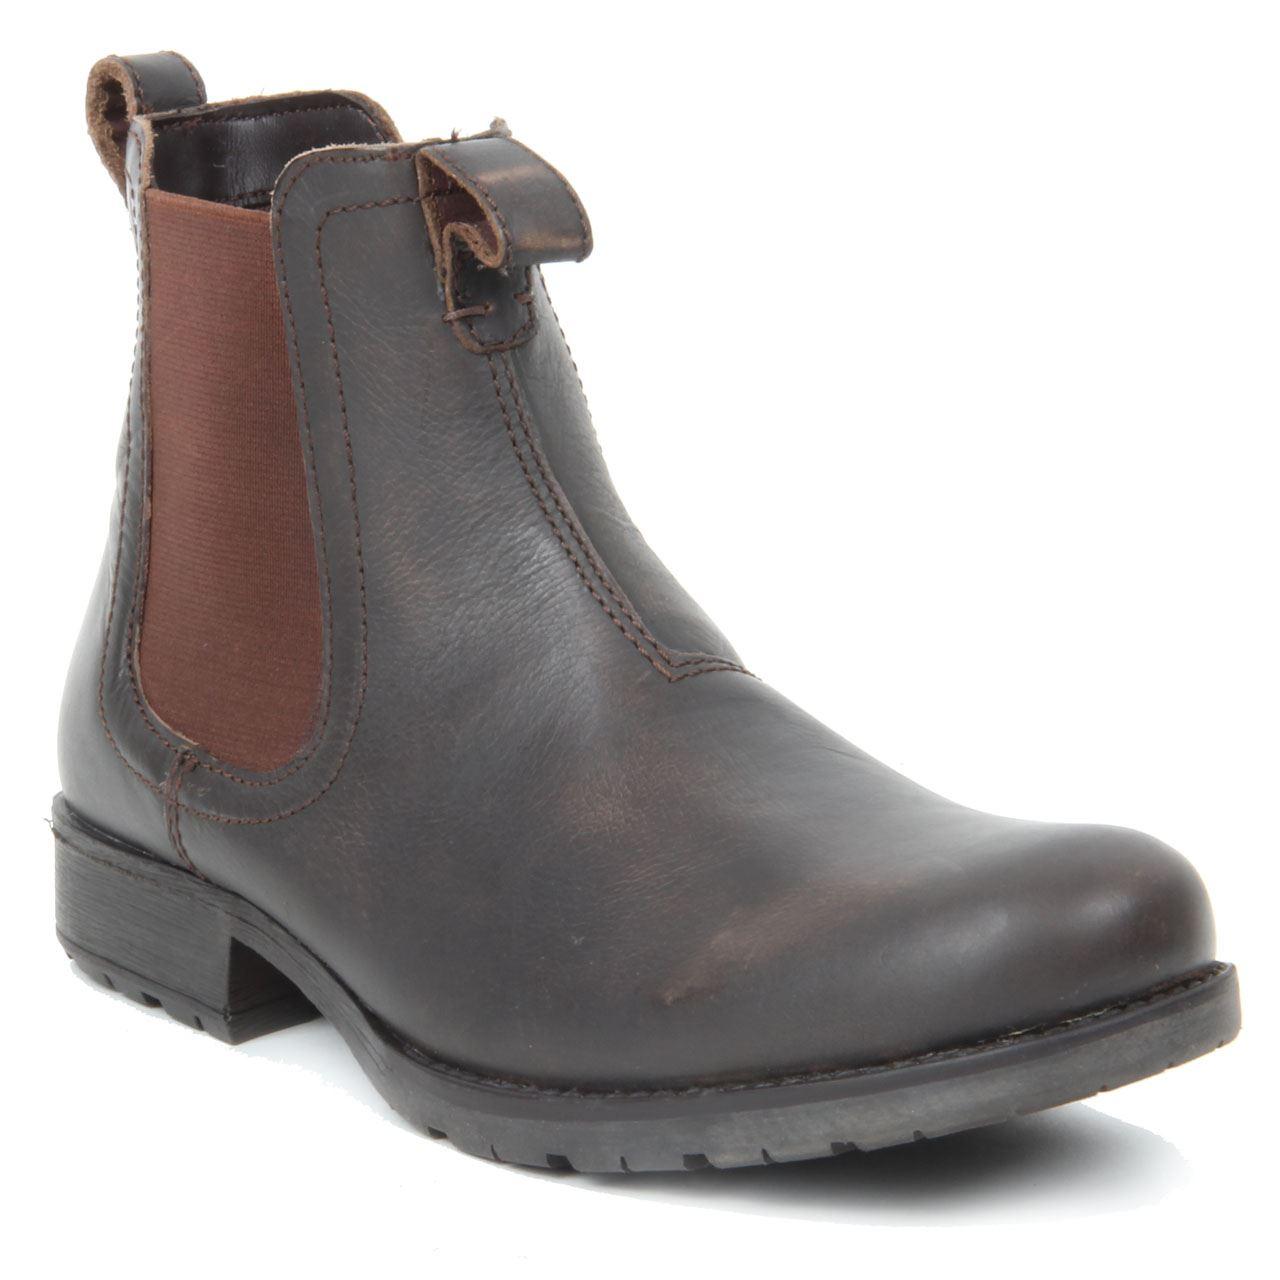 mens slip on toe chelsea boots wedge heel genuine